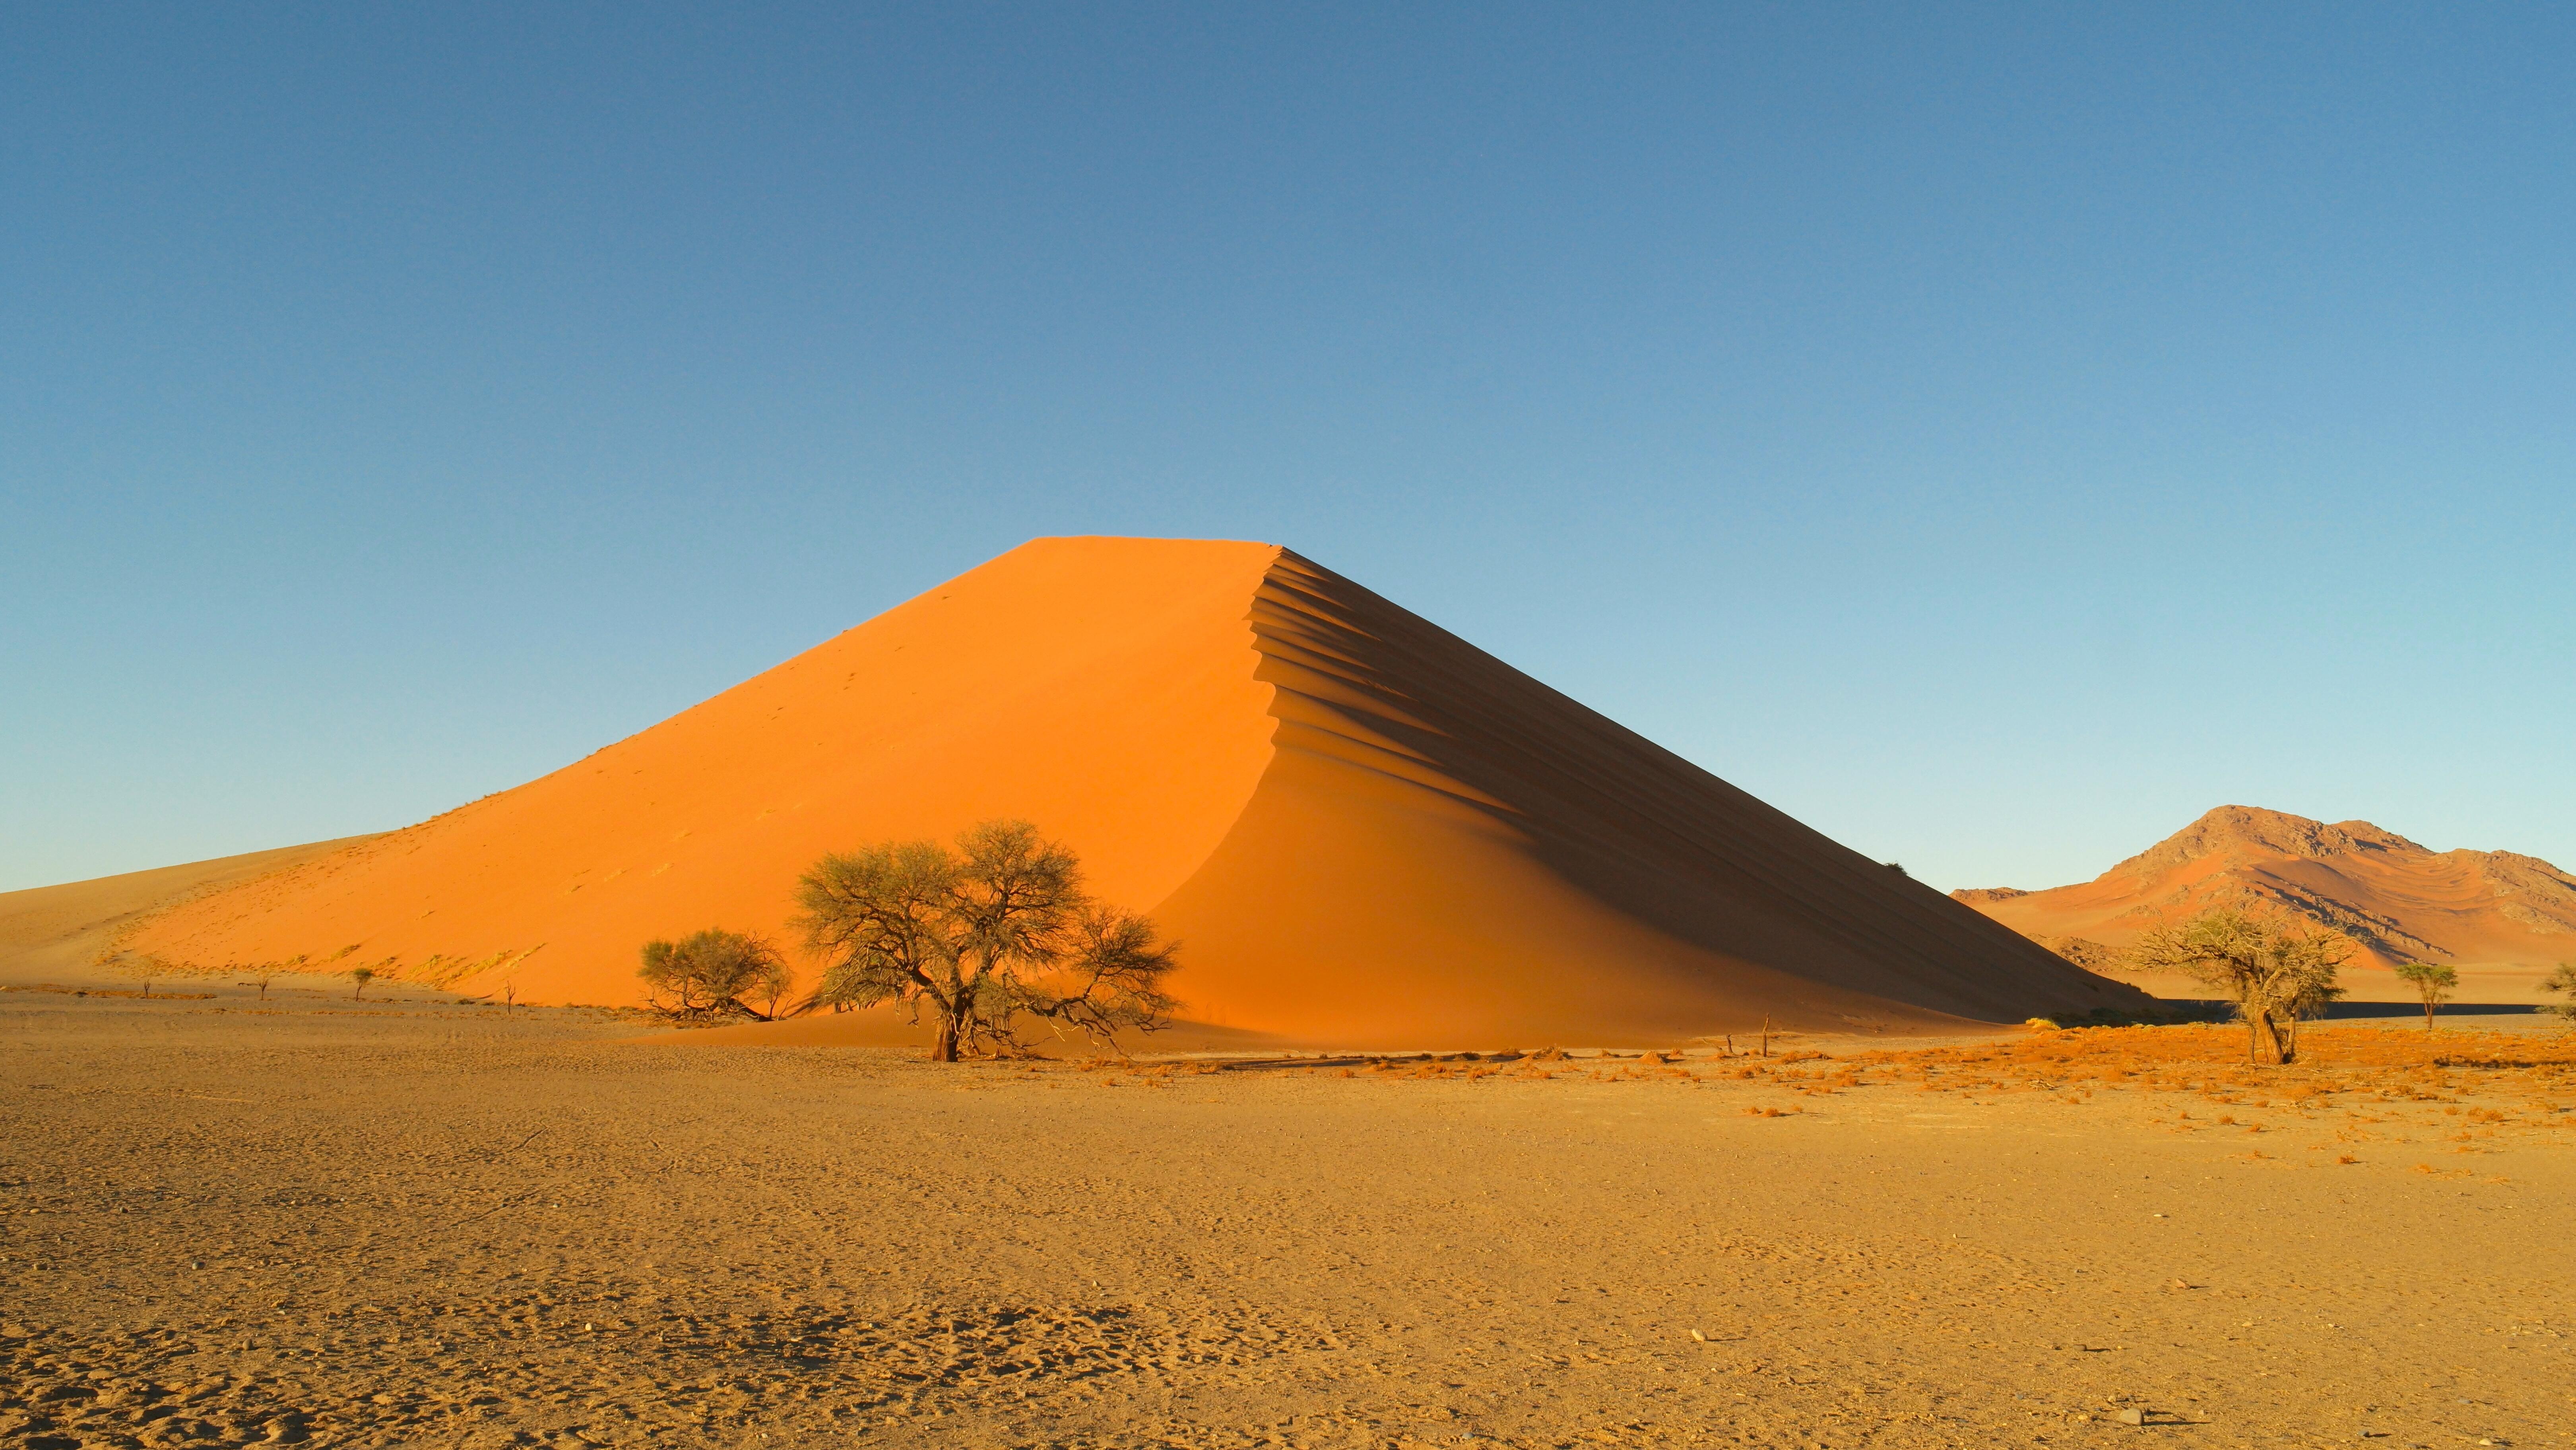 dune45-namib-desert-africa-lustforthesublime